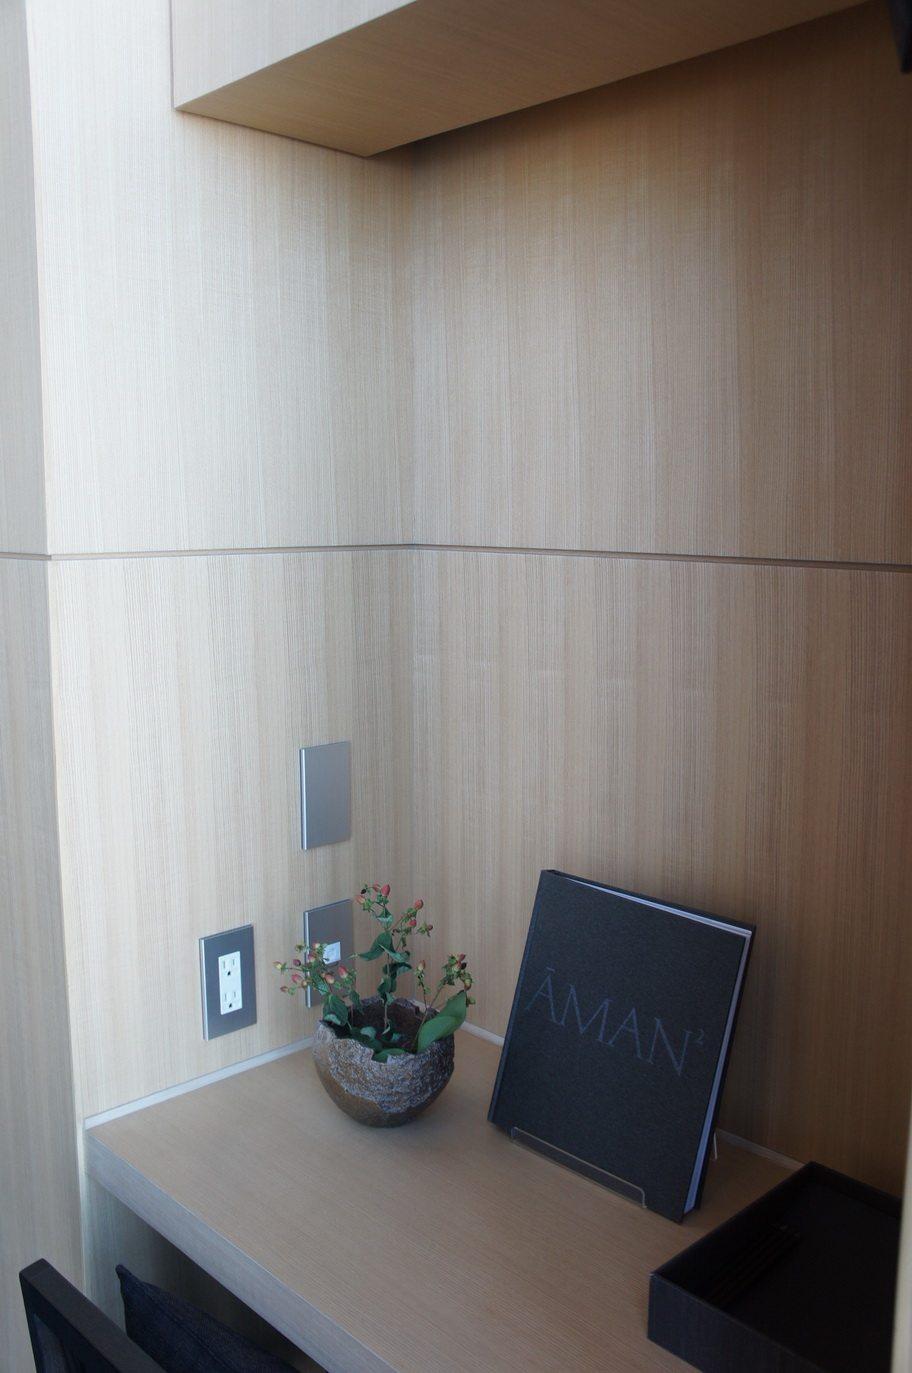 东京安缦酒店Aman Tokyo --Kerry Hill  自拍分享_DSC07010.JPG